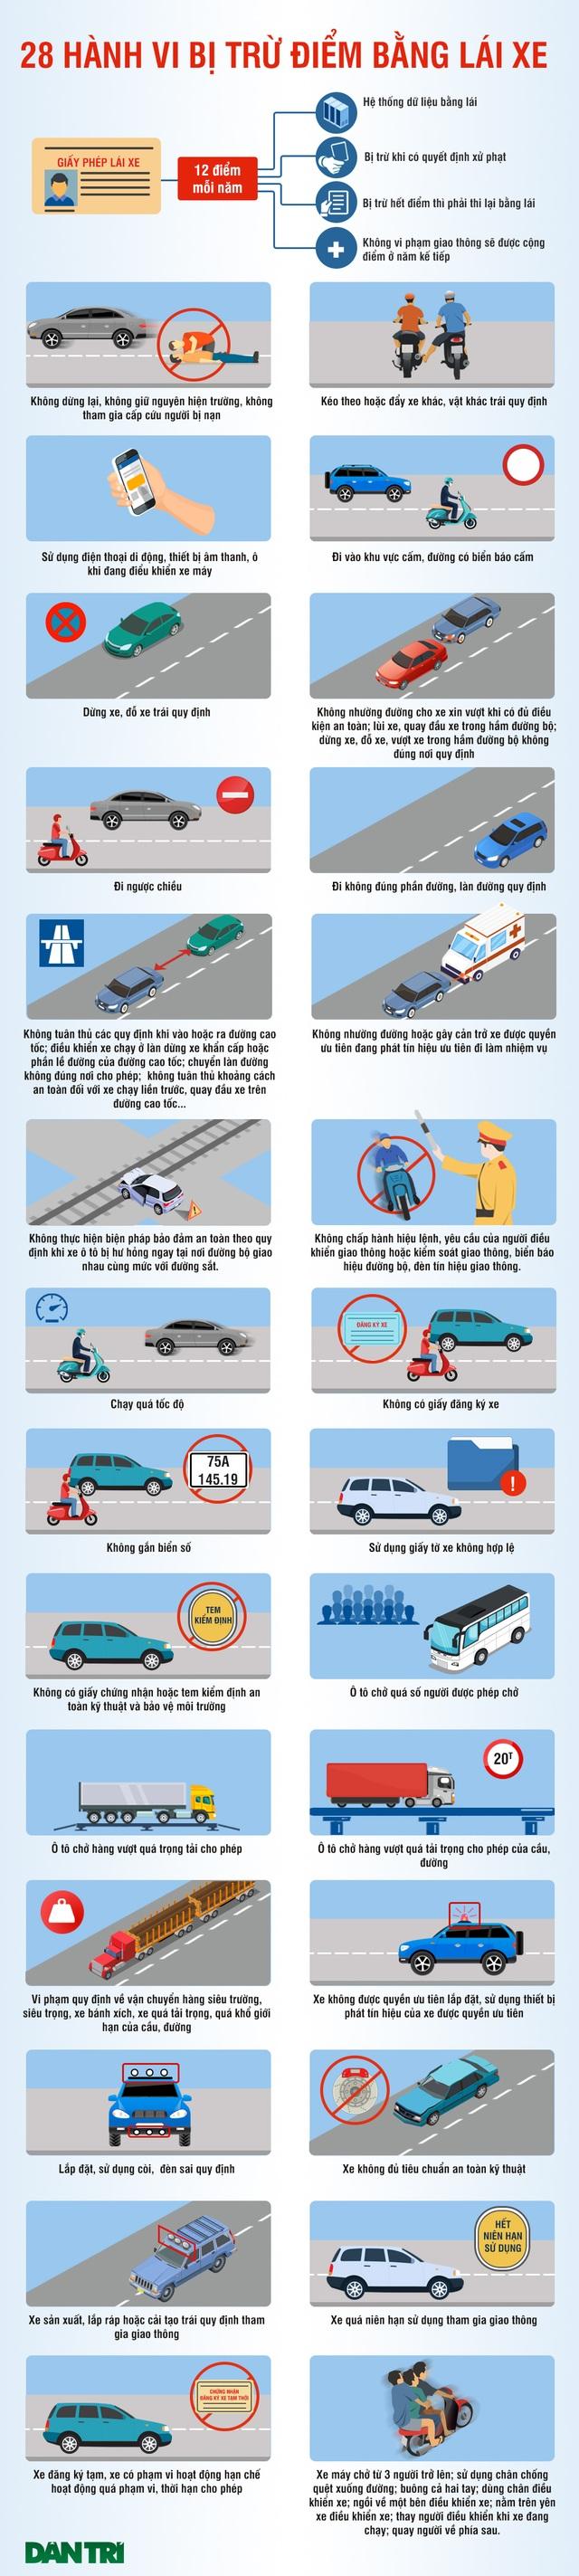 28 lỗi vi phạm có thể bị trừ điểm trong giấy phép lái xe - 1